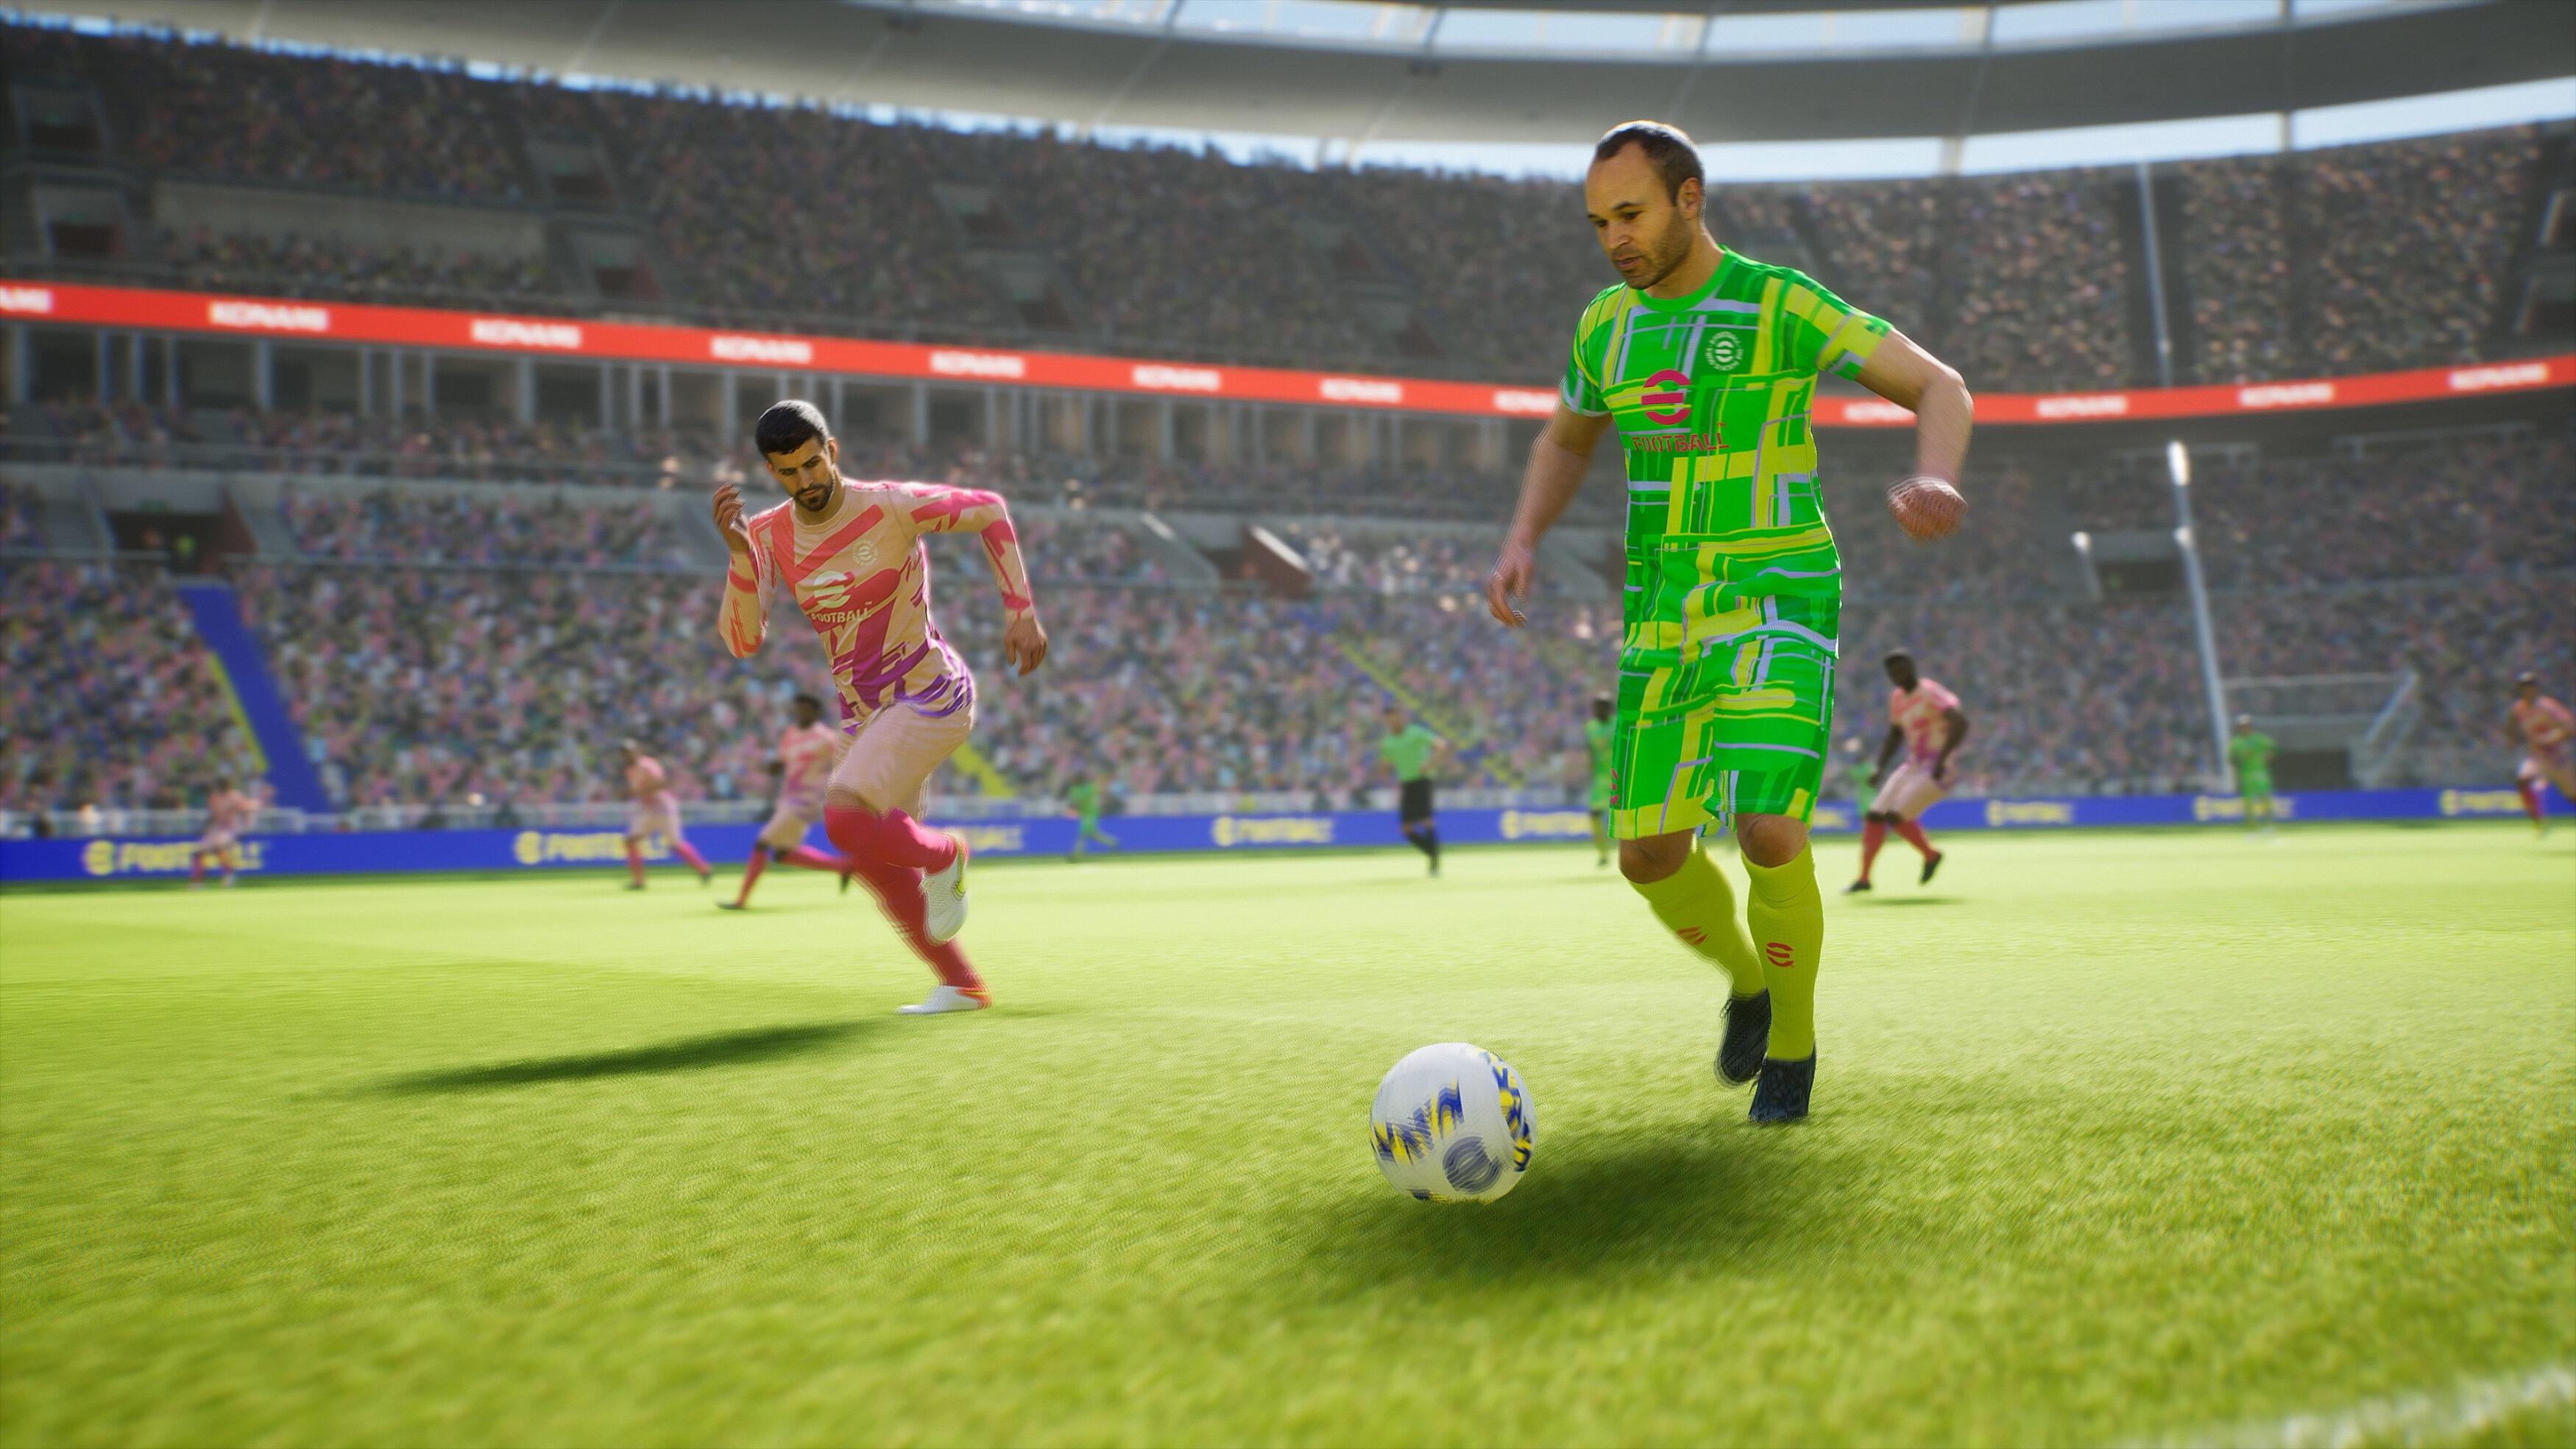 Spesifikasi Minimum PC eFootball 2022